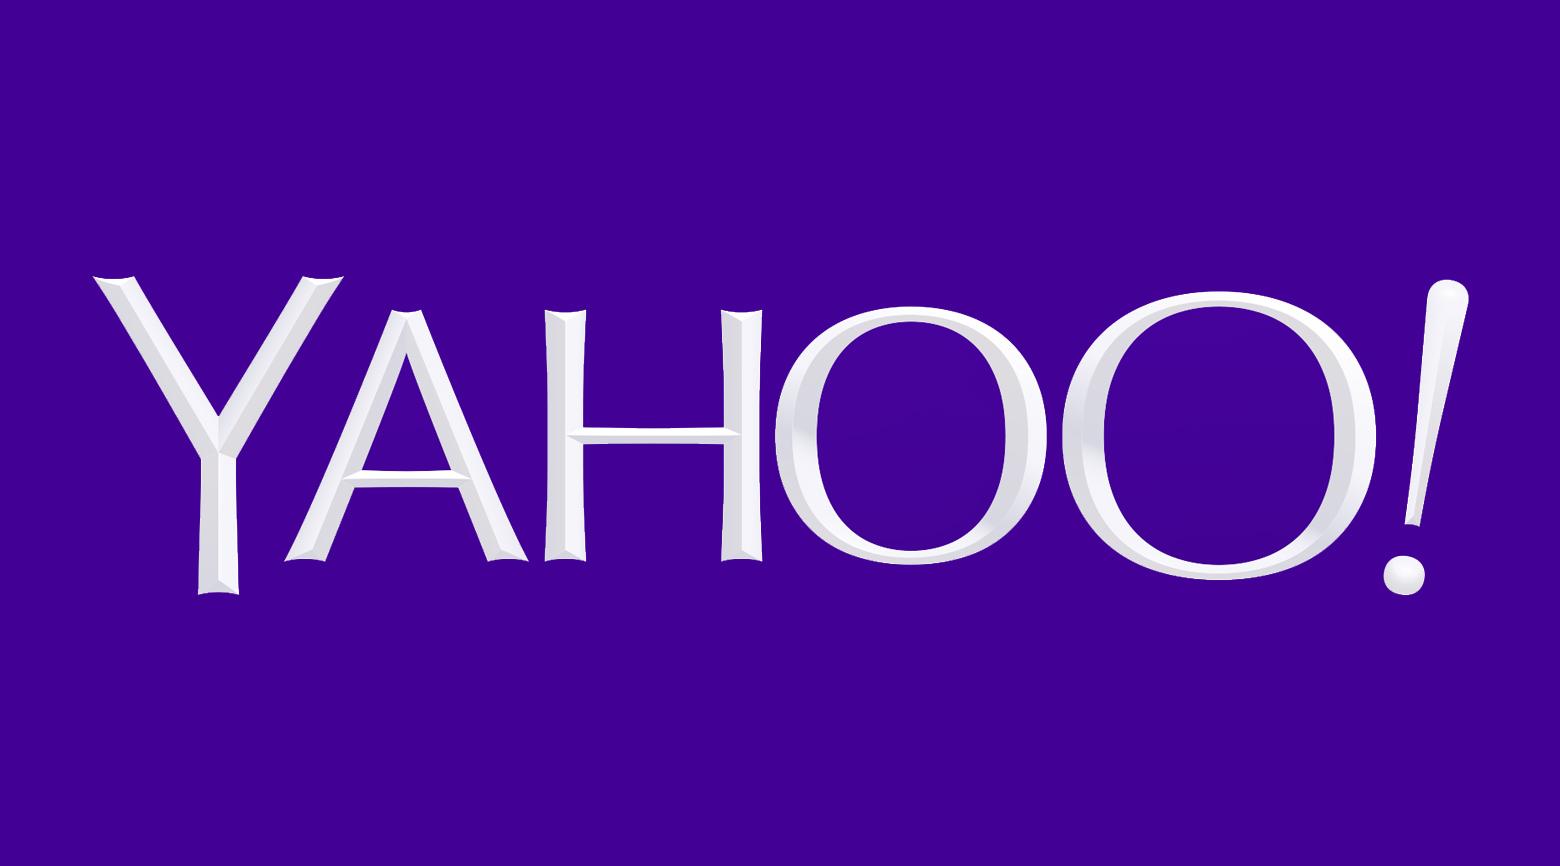 Почта yahoo.com: регистрация аккаунта без номера телефона